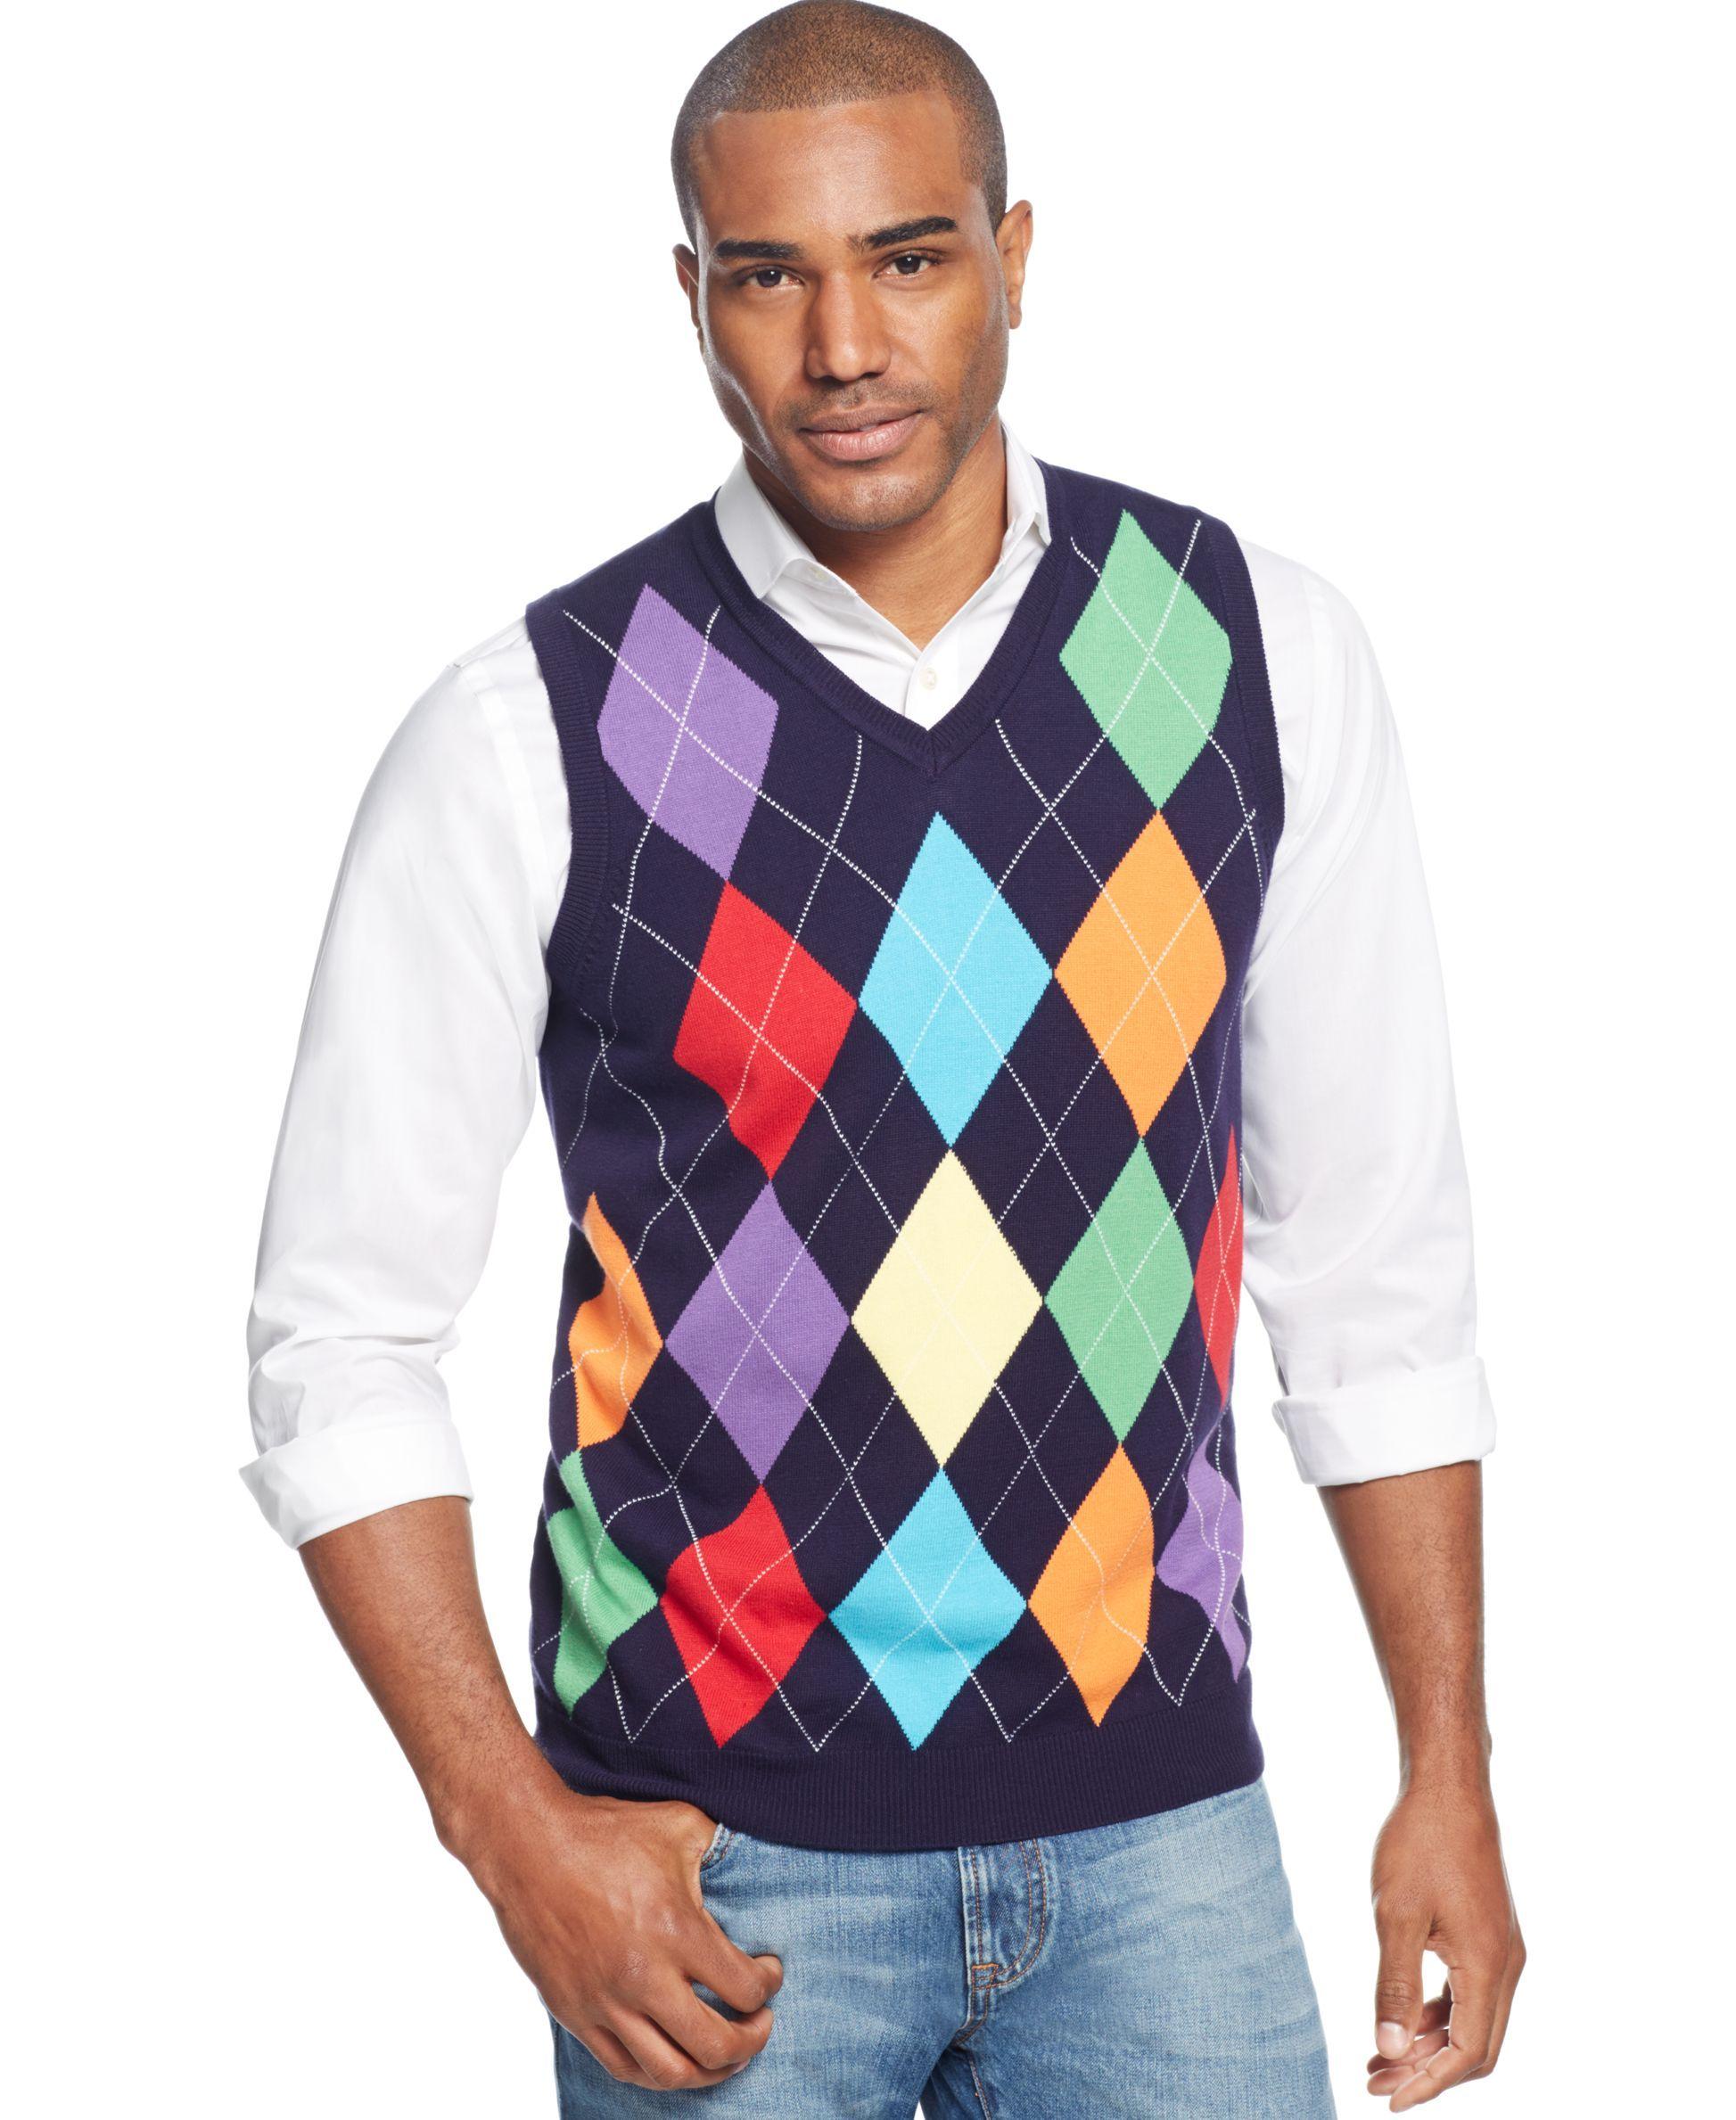 330b59a2f0f Argyle Culture V-Neck Argyle Sweater Vest | Clothes I want | Argyle ...